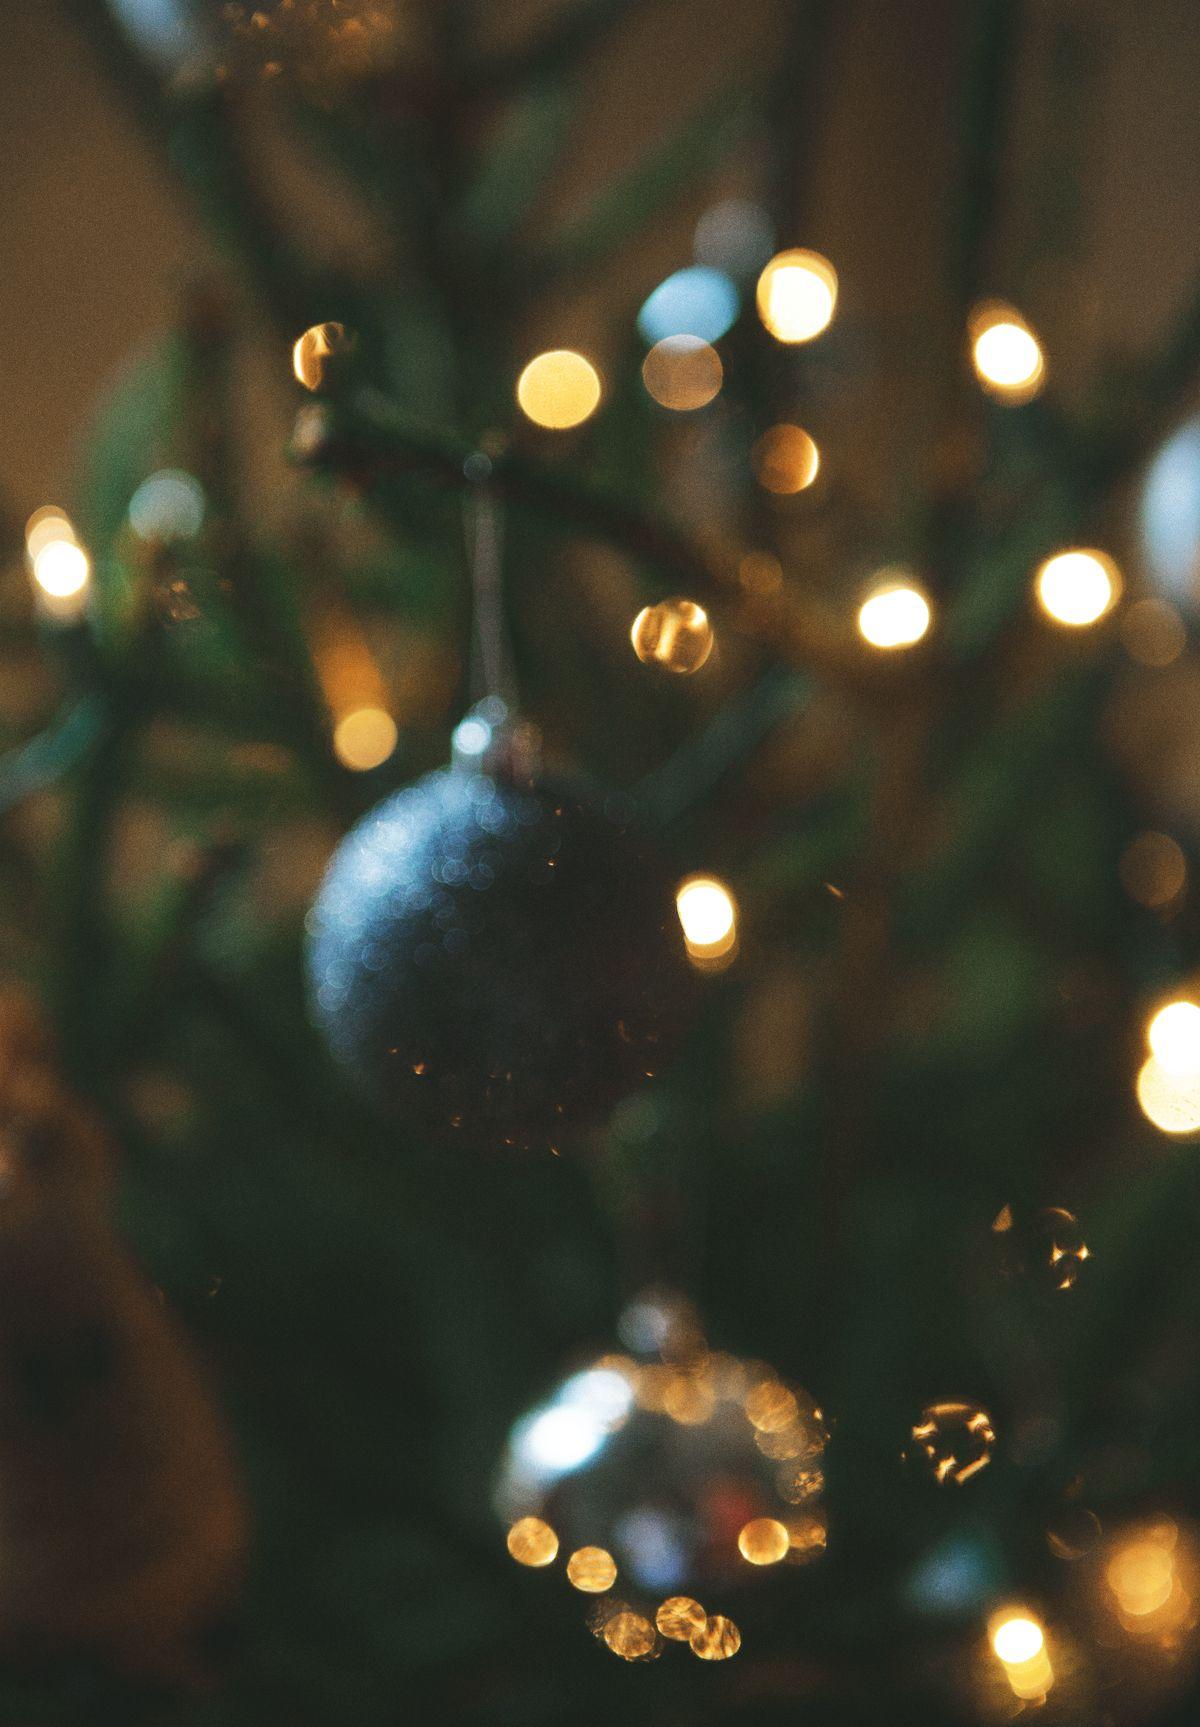 Christmas Tree Hunting Christmas magic, Christmas